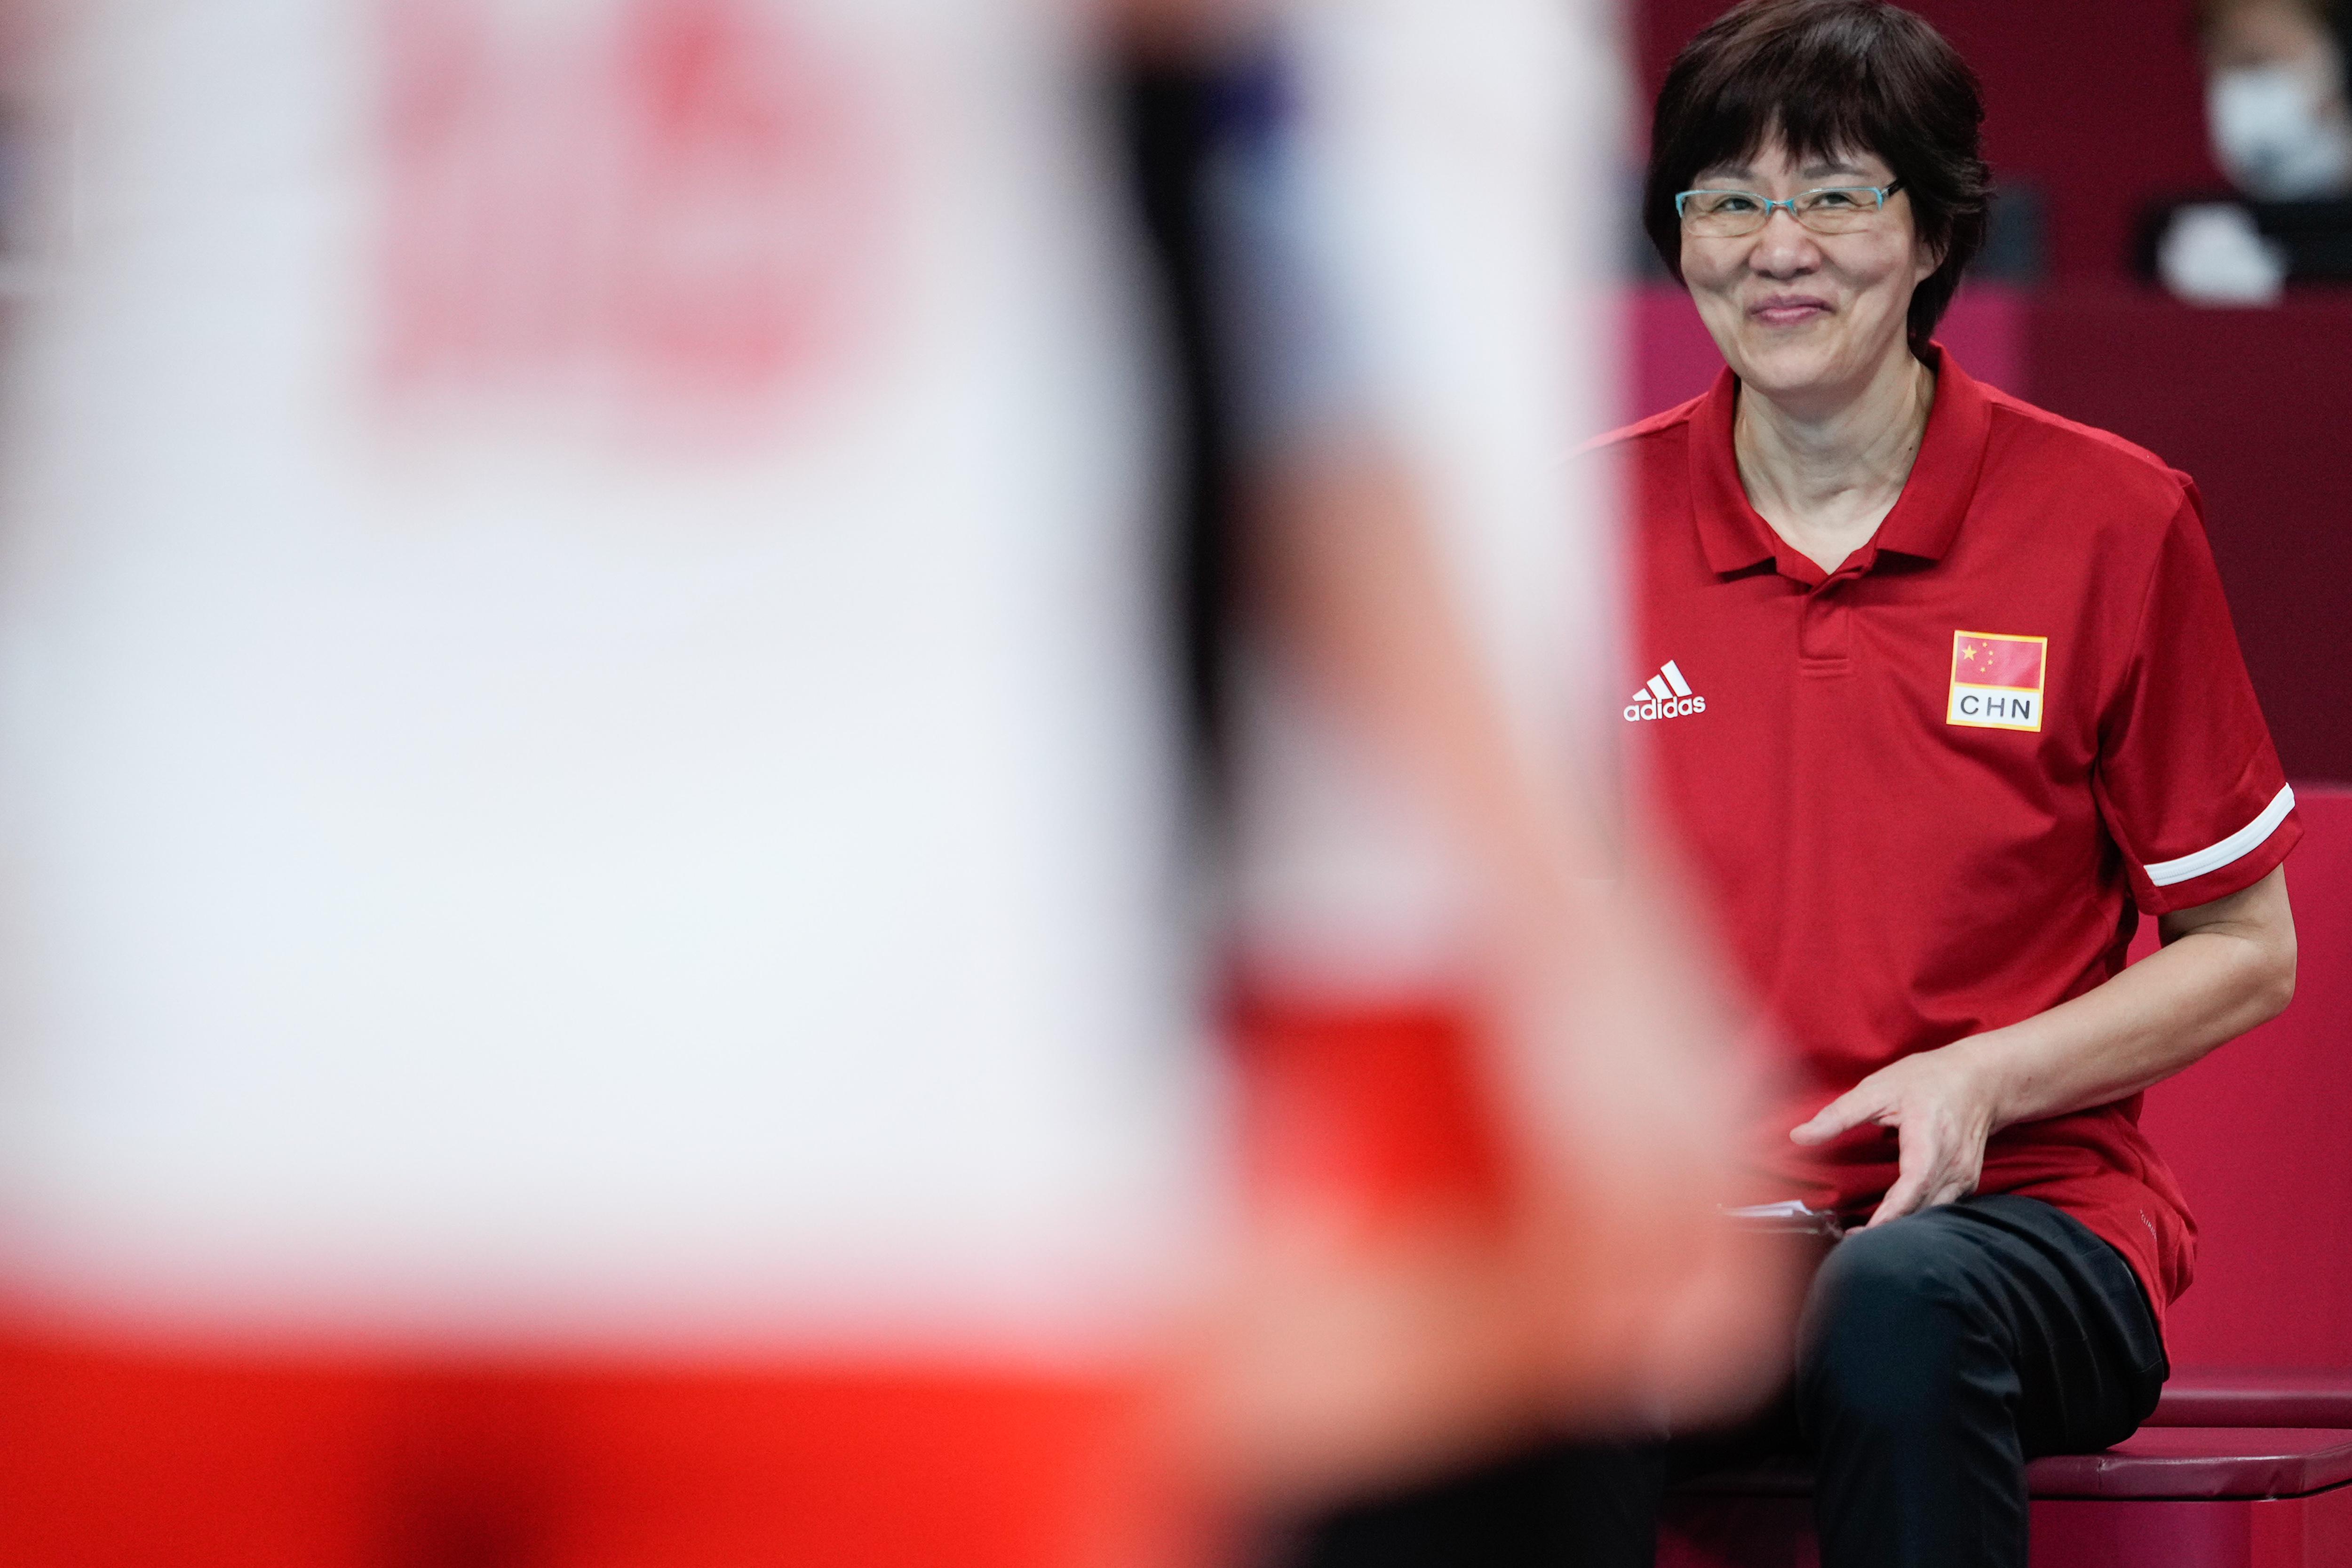 郎平教练的脸上曾经有过笑容。